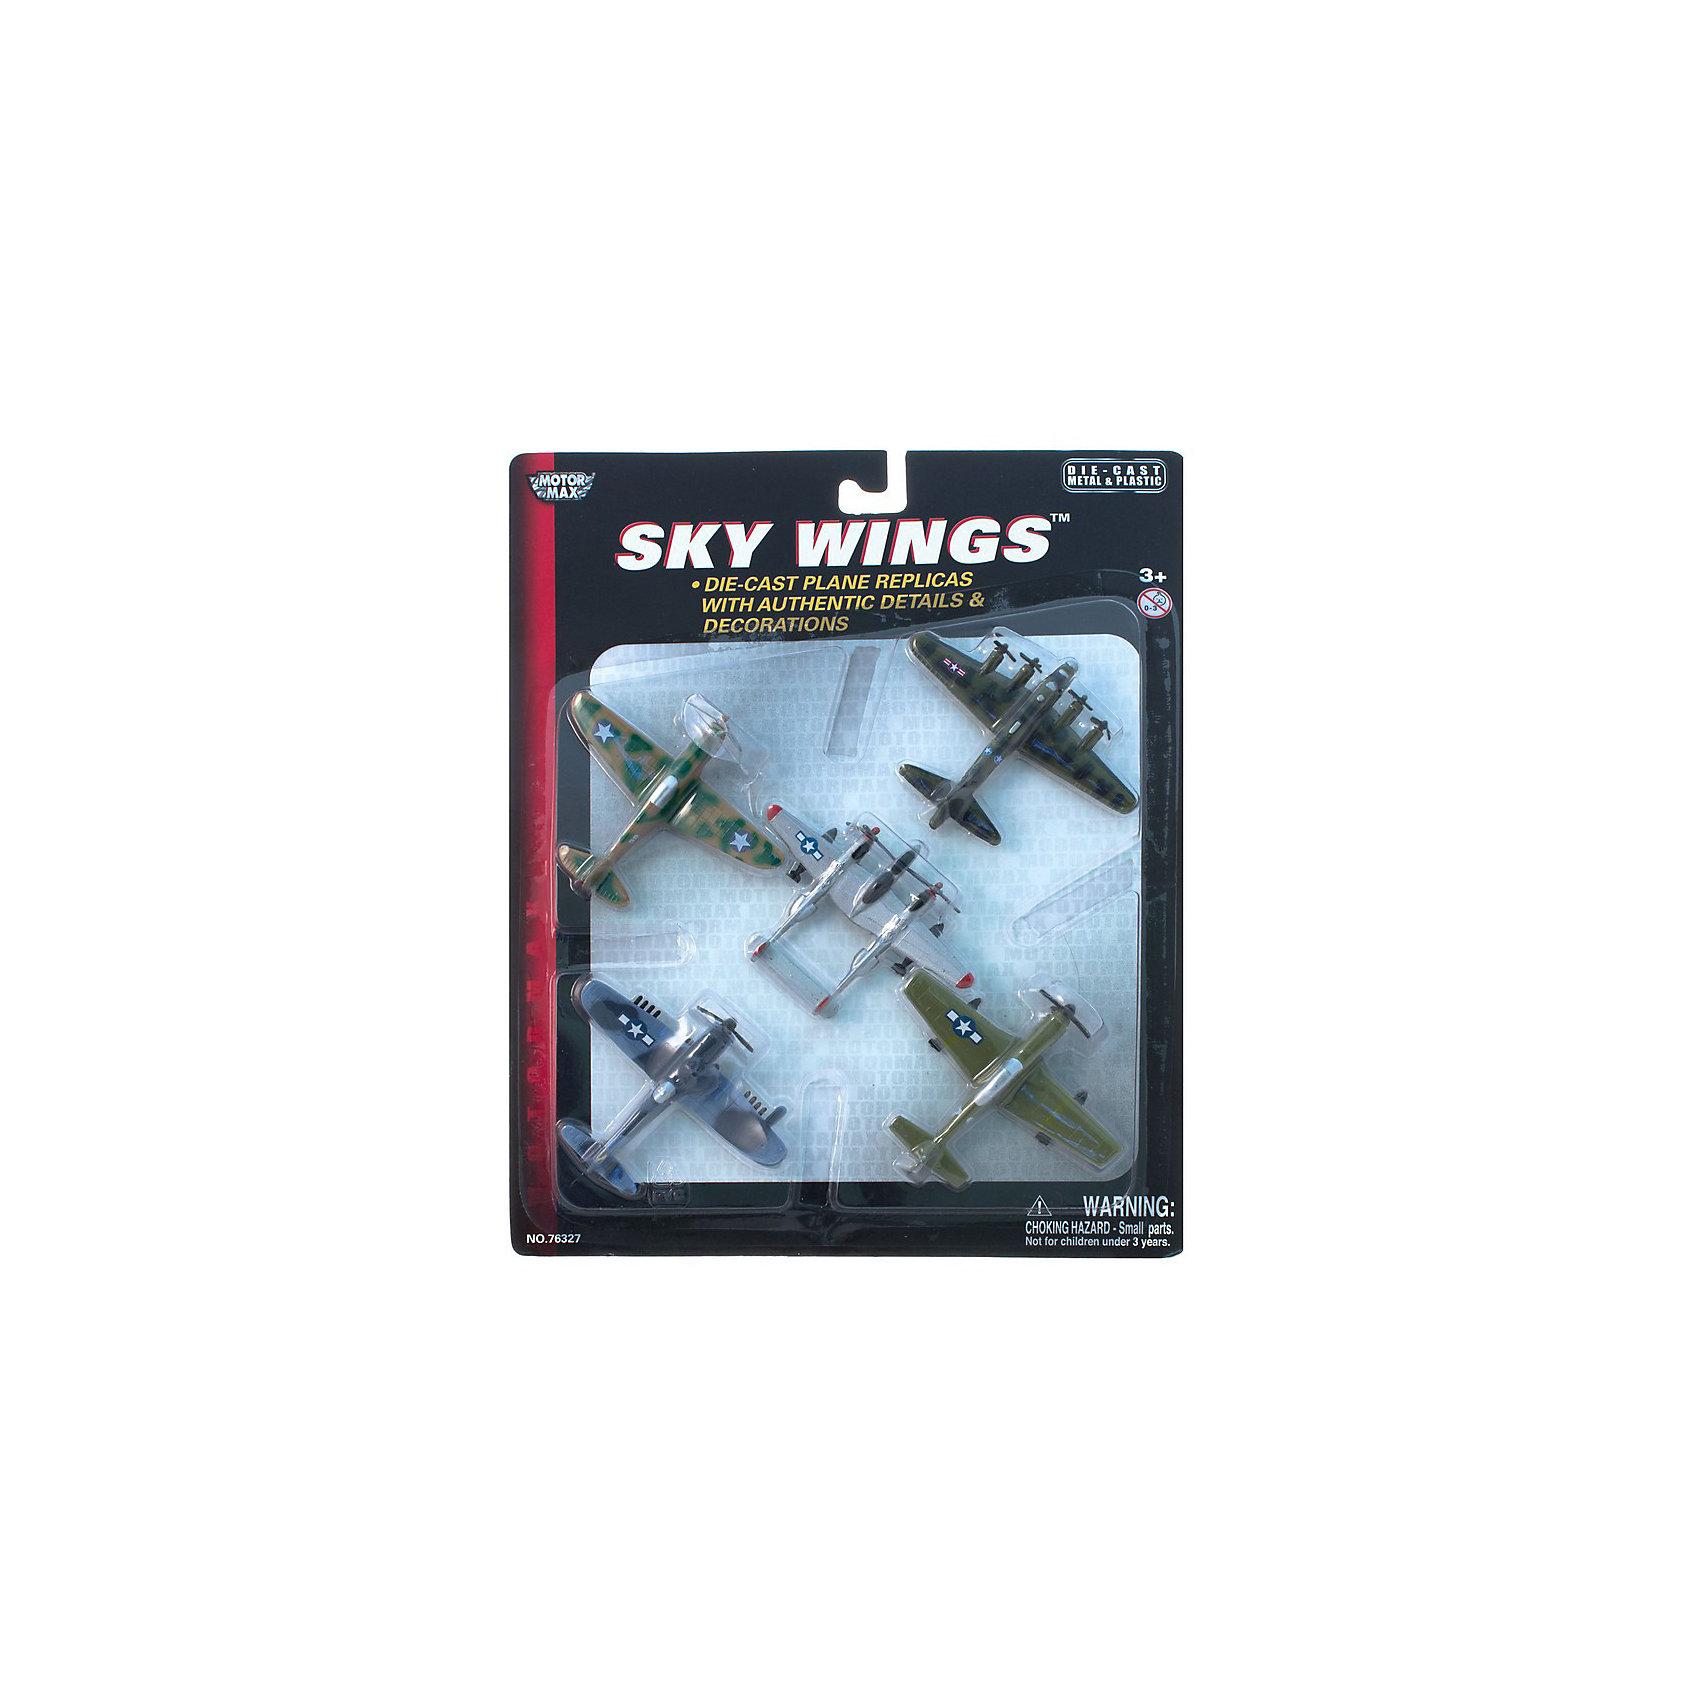 Самолетики Четвёртый набор,  MotormaxСамолетики Четвёртый набор,  Motormax (Мотормакс) – это отличное пополнение коллекции авиационной техники.<br>Набор коллекционных самолетиков Motormax (Мотормакс). Набор состоит из пяти моделей. В данный набор входят следующие модели самолетов времен Второй Мировой войны: Boeing P-51 Mustang (Боинг Р-51 Мустанг), Lockheed Martin P-38 Lightning (Локхид Мартин P-38 Лайтнинг), Northrop Grumman F4U-1D Corsair (Нортроп Грумман F4U-1D Корсар), P-40 Tomahawk (P-40 Томагавк), Boeing B-17 Flying Fortress (Боинг В-17 Летающая крепость). Каждая из них выполнена из металла. Модели тончайше проработаны, максимально приближены к своему прототипу. По сути это уменьшенные копии настоящих самолетов, сохранившие их пропорции и узнаваемые элементы. Стоит также отметить хорошую для таких размеров детализацию.<br><br>Дополнительная информация:<br><br>- В наборе: пять моделей<br>- Средняя длина самолета: 9 см.<br>- Материал: металл<br><br>Самолетики Четвёртый набор,  Motormax (Мотормакс) можно купить в нашем интернет-магазине.<br><br>Ширина мм: 235<br>Глубина мм: 25<br>Высота мм: 286<br>Вес г: 350<br>Возраст от месяцев: 36<br>Возраст до месяцев: 168<br>Пол: Мужской<br>Возраст: Детский<br>SKU: 3839013